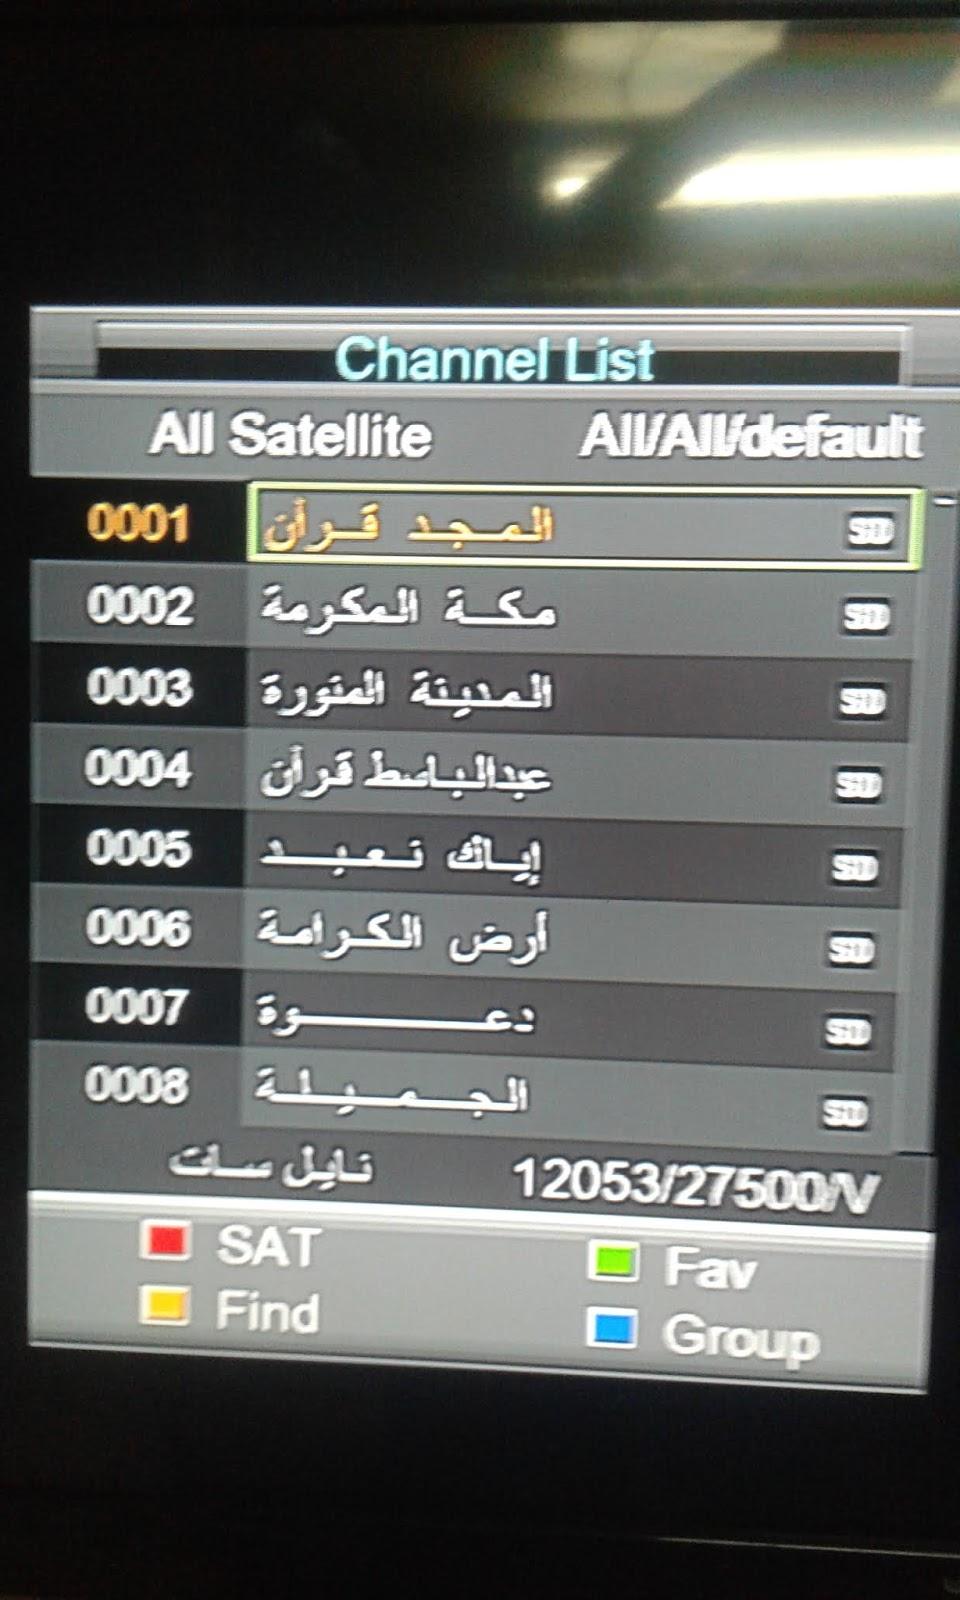 احدث ملف قنوات اسلامي عربي وانجليزي لاكثر من 90من اجهزة